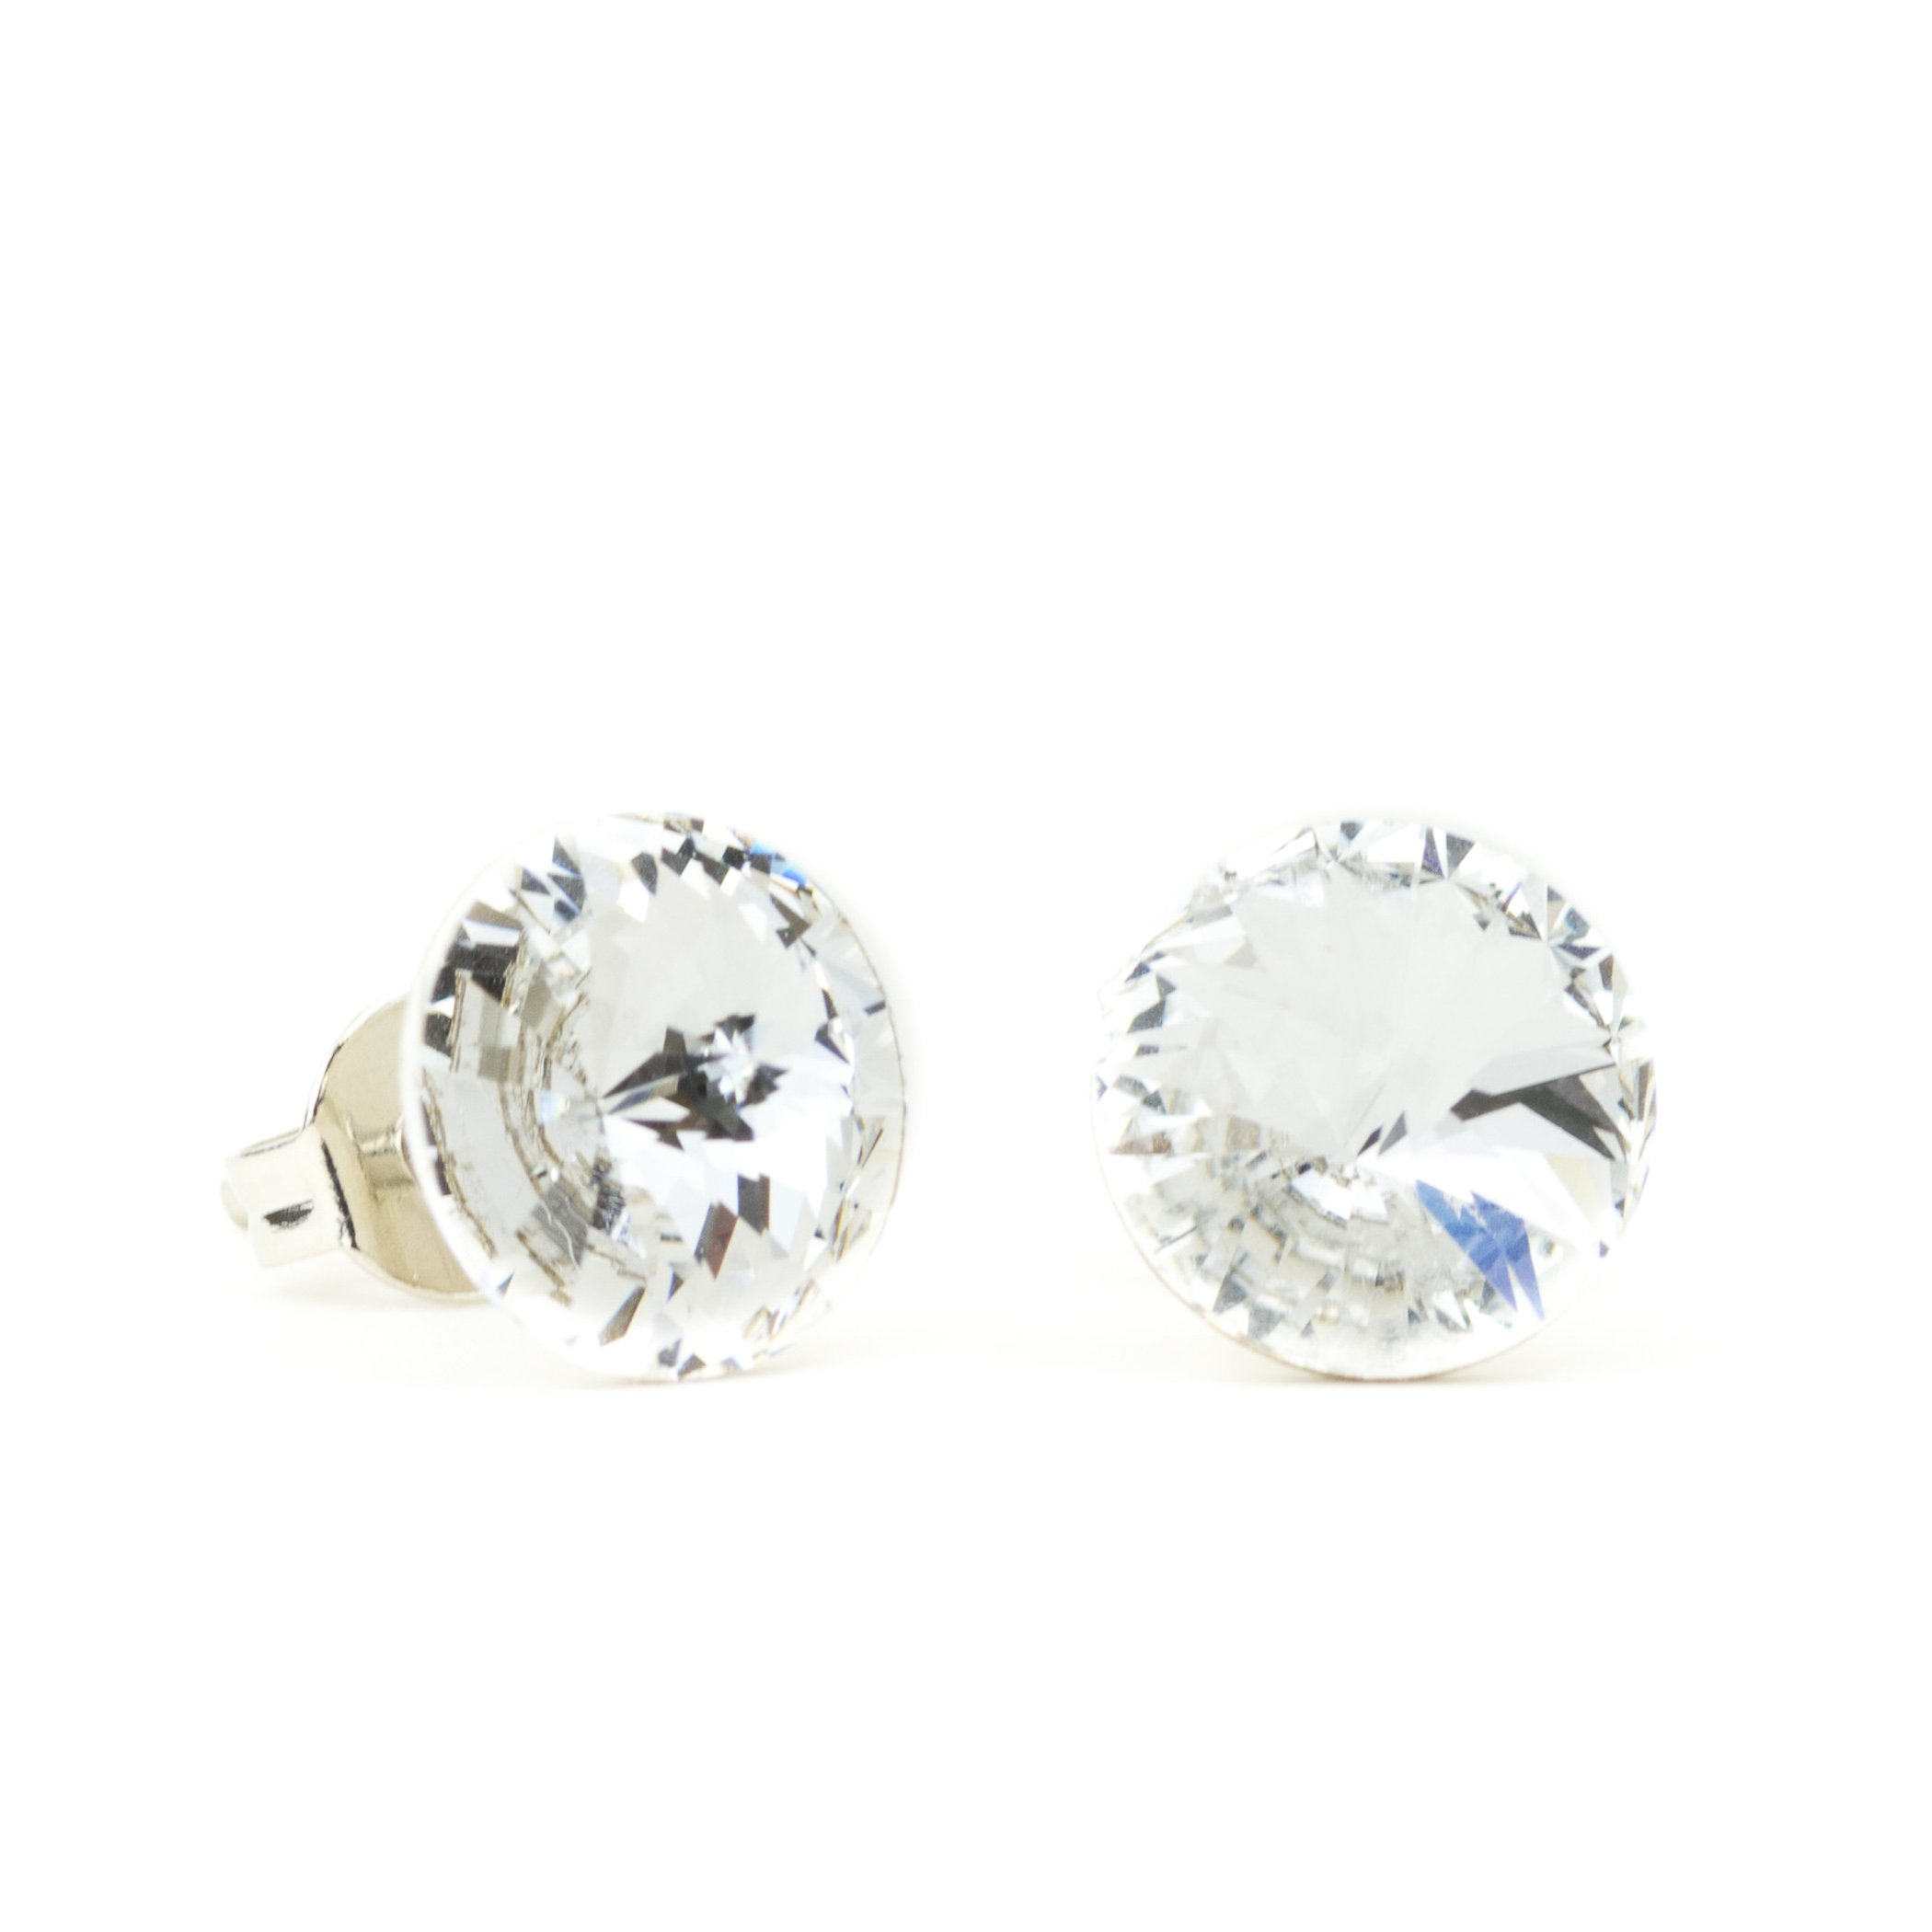 Eve S jewelry���Orecchini da donna con Swarovski Elements Crystal Argentato rodiato bianco taglio ro